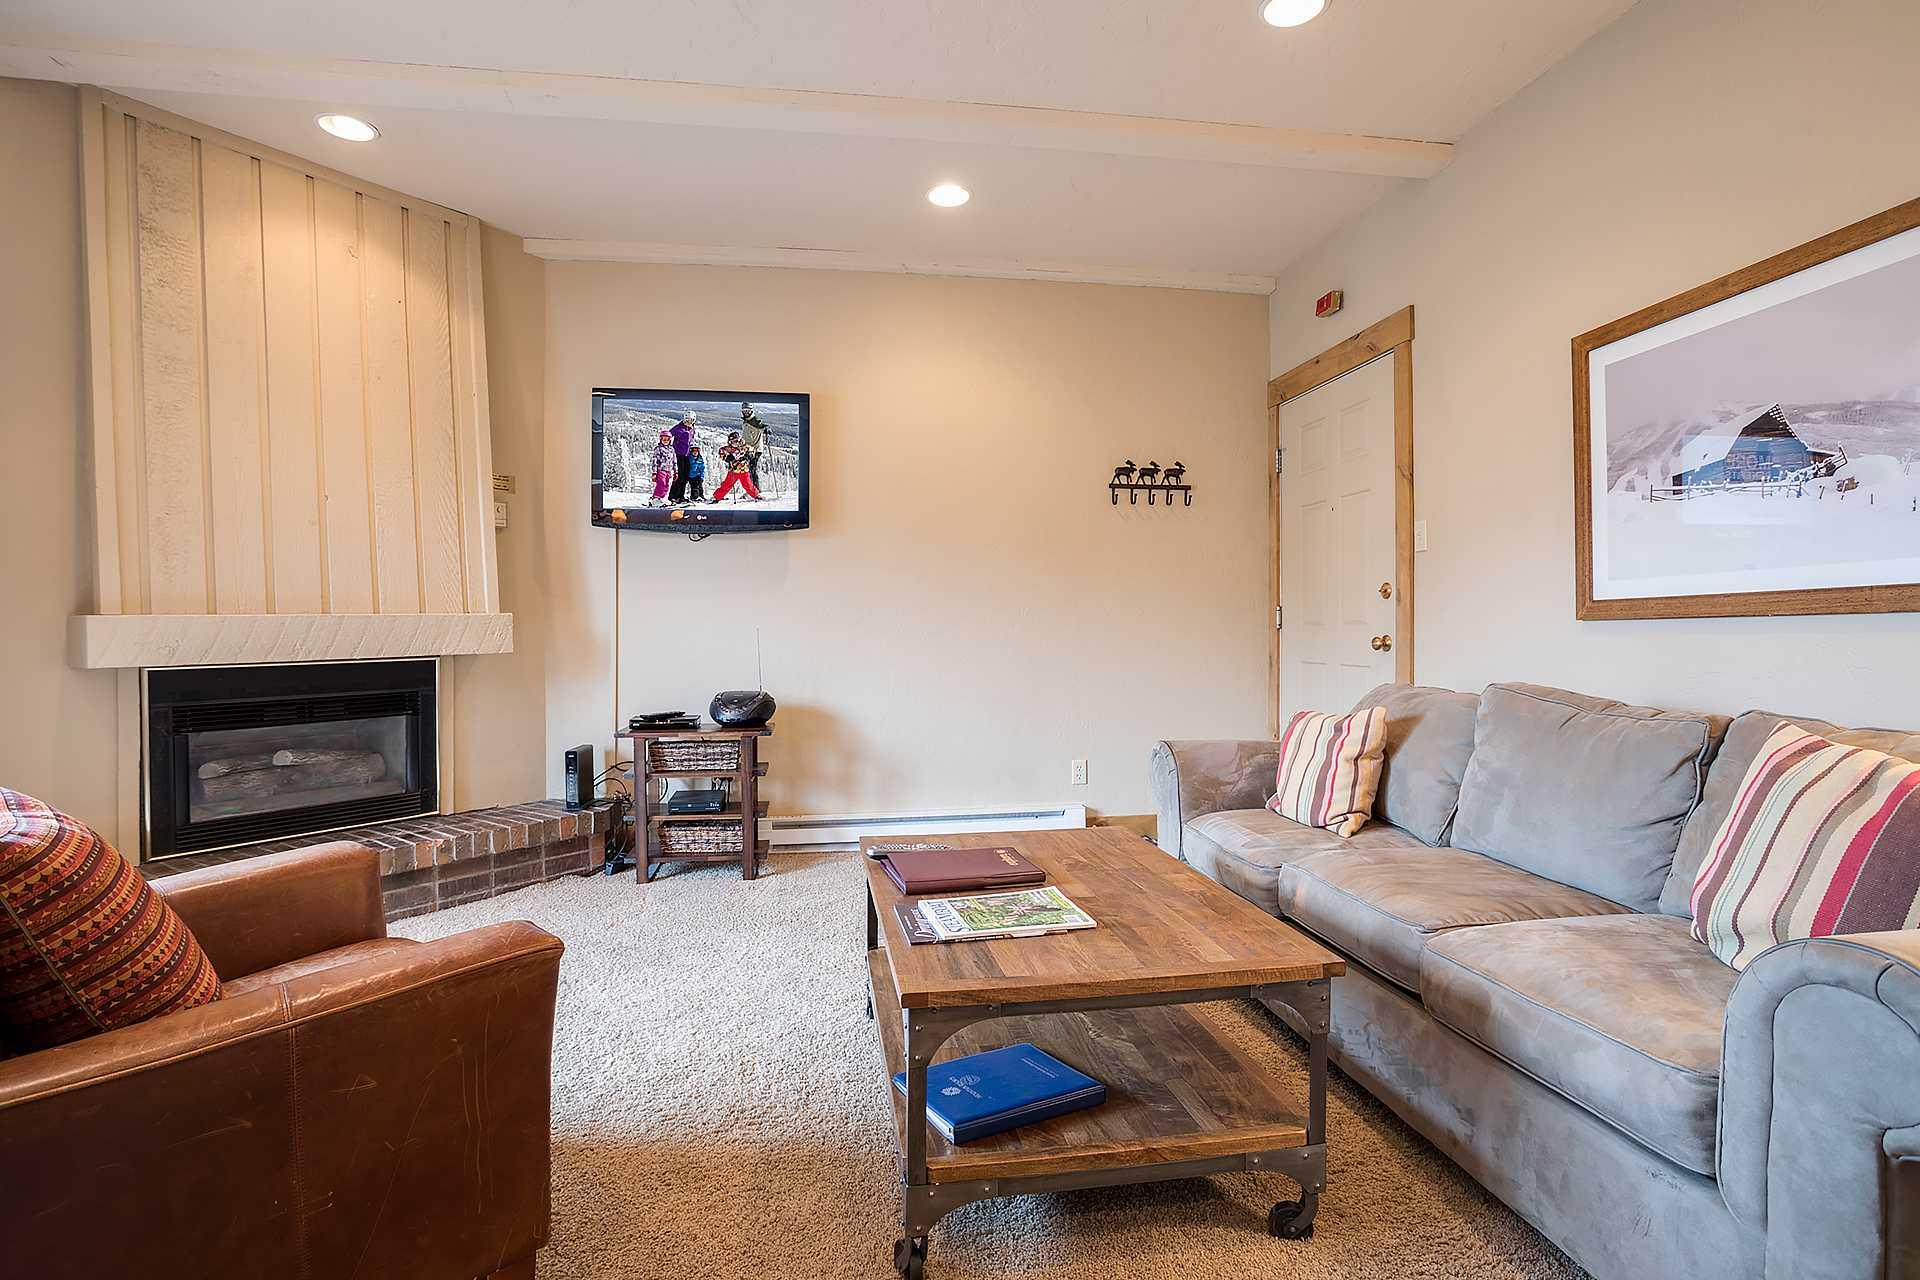 R2408: Rockies Condominiums